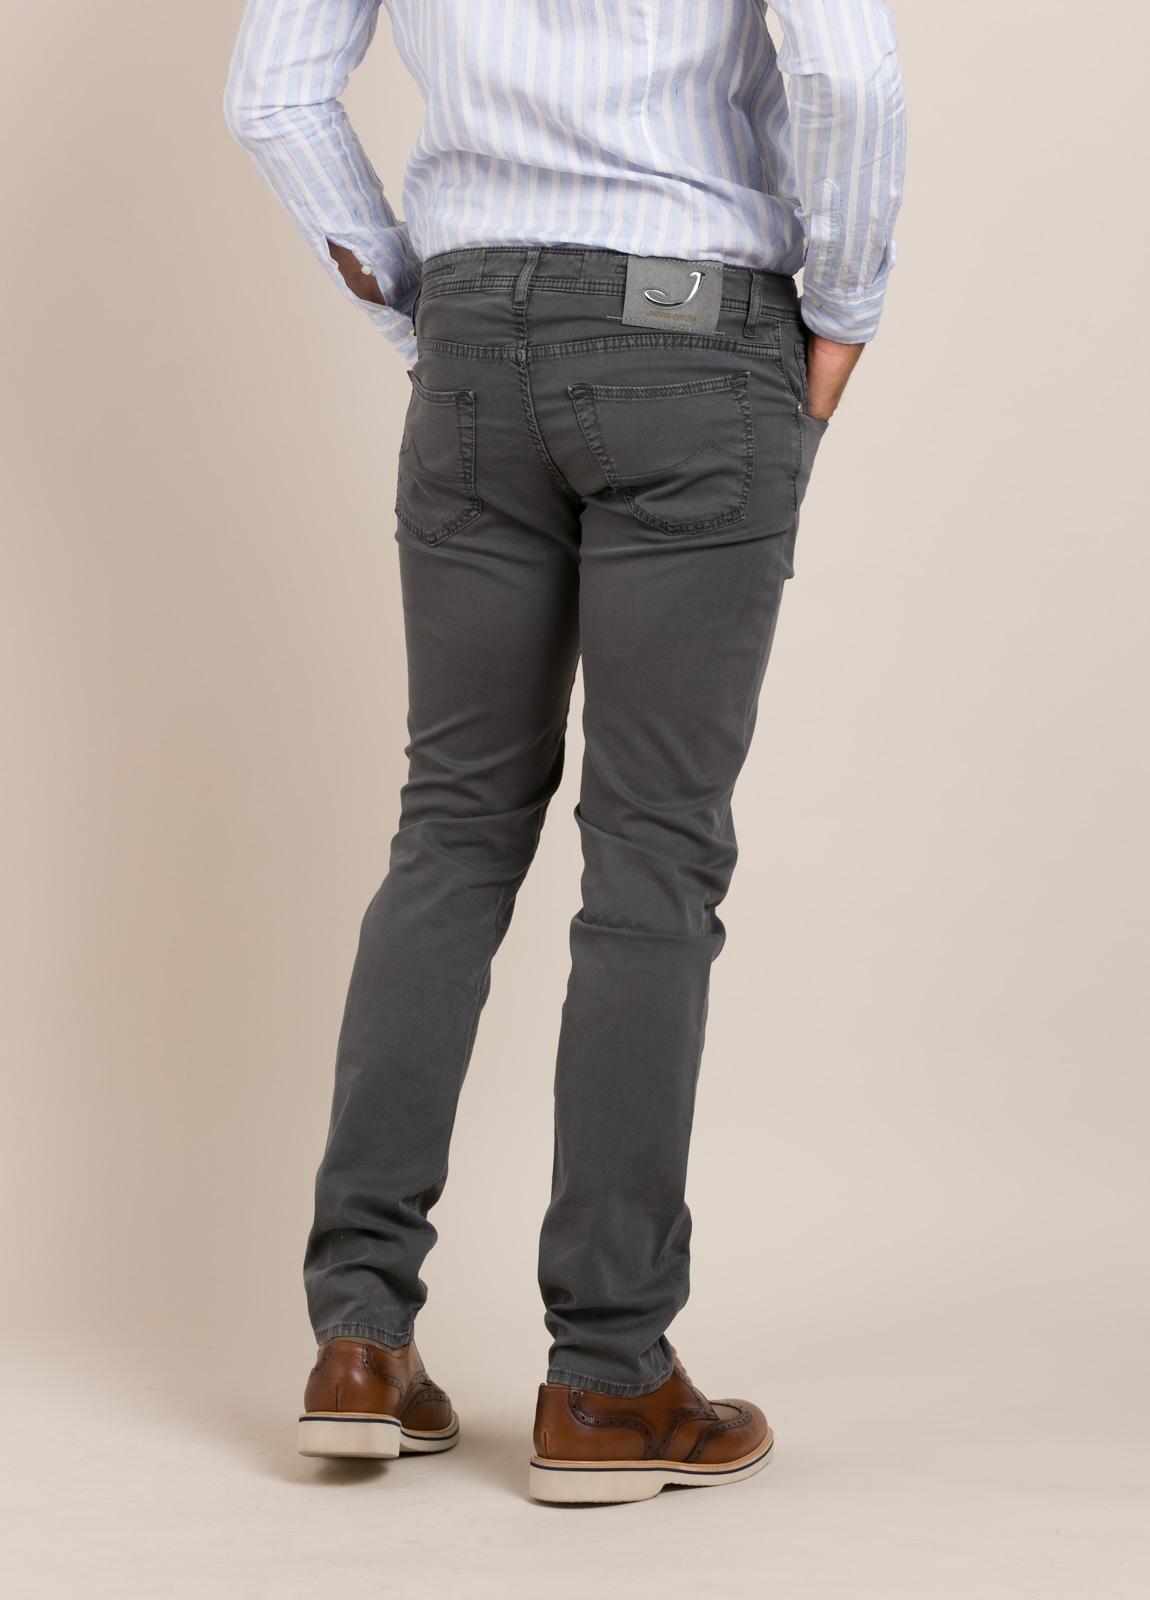 Pantalón tejano JACOB COHEN gris oscuro - Ítem2